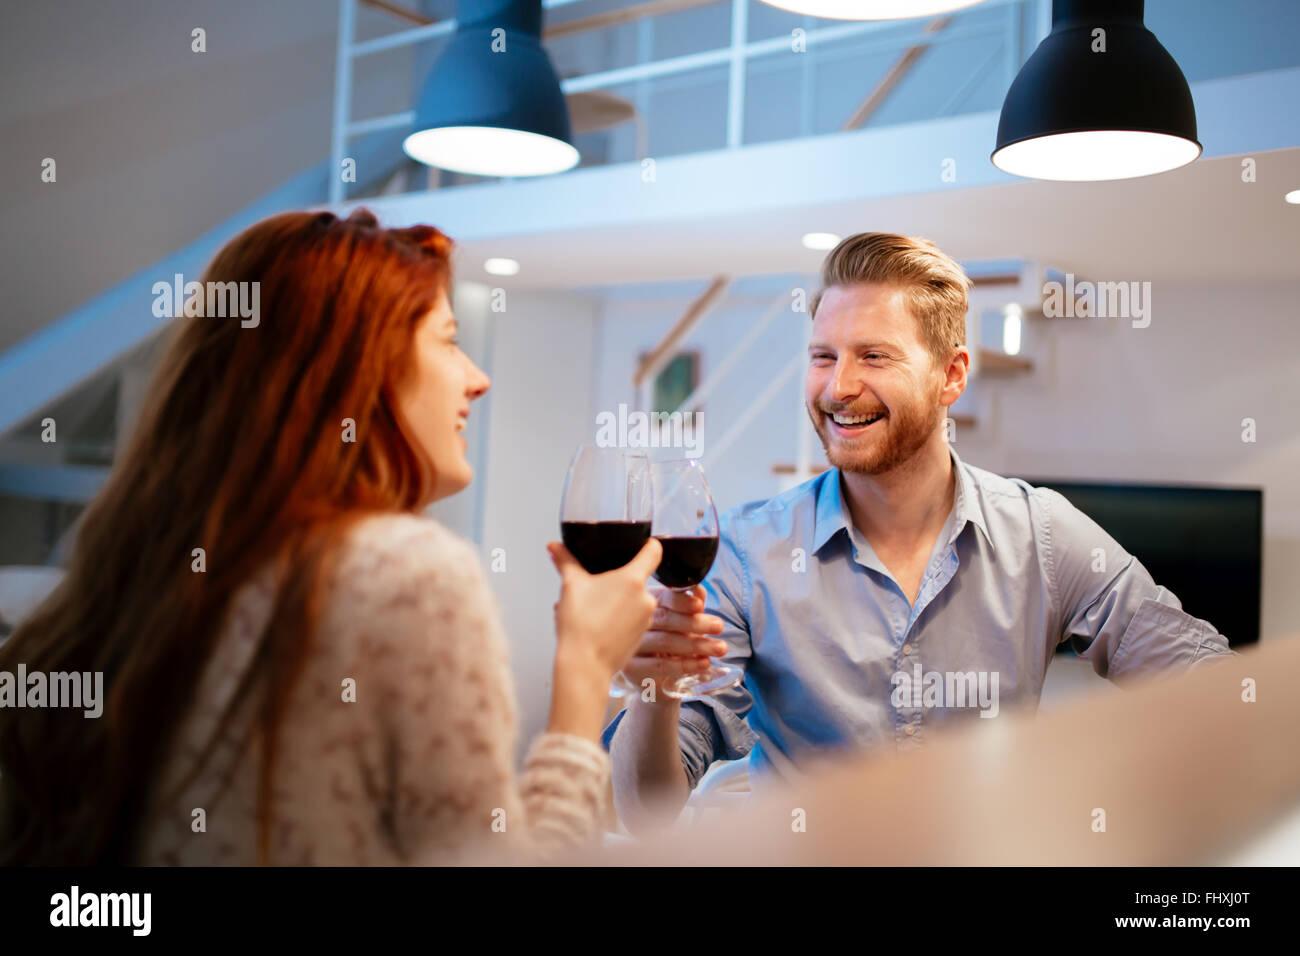 Schönes paar Toasten mit Wein zum Jubiläum Stockbild